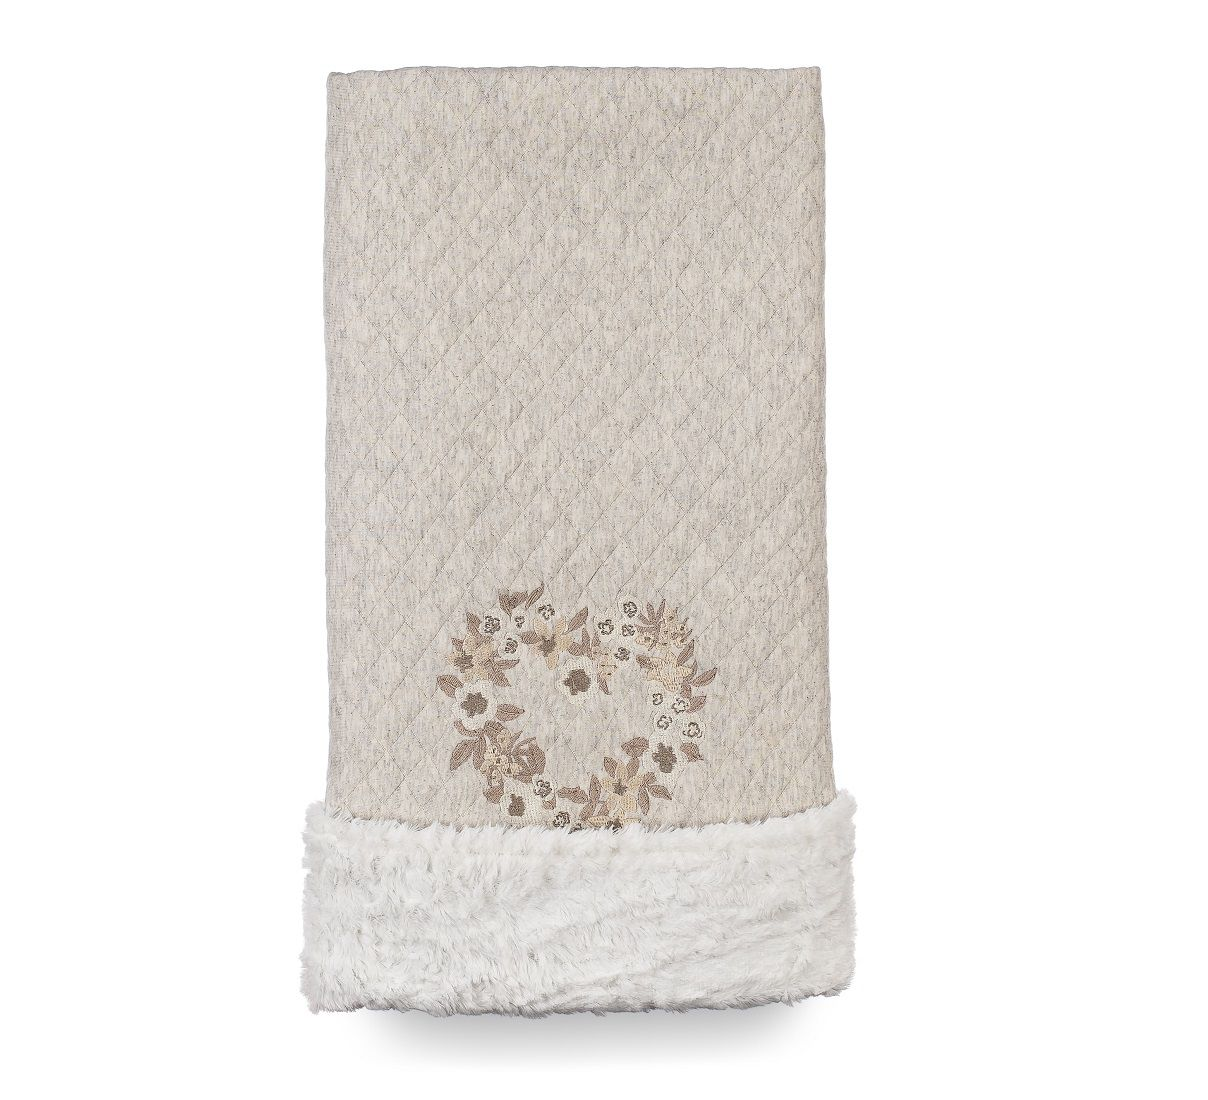 Cobertor Dupla-face Bordado e Peluciado - Coleção Hortênsias Cáqui